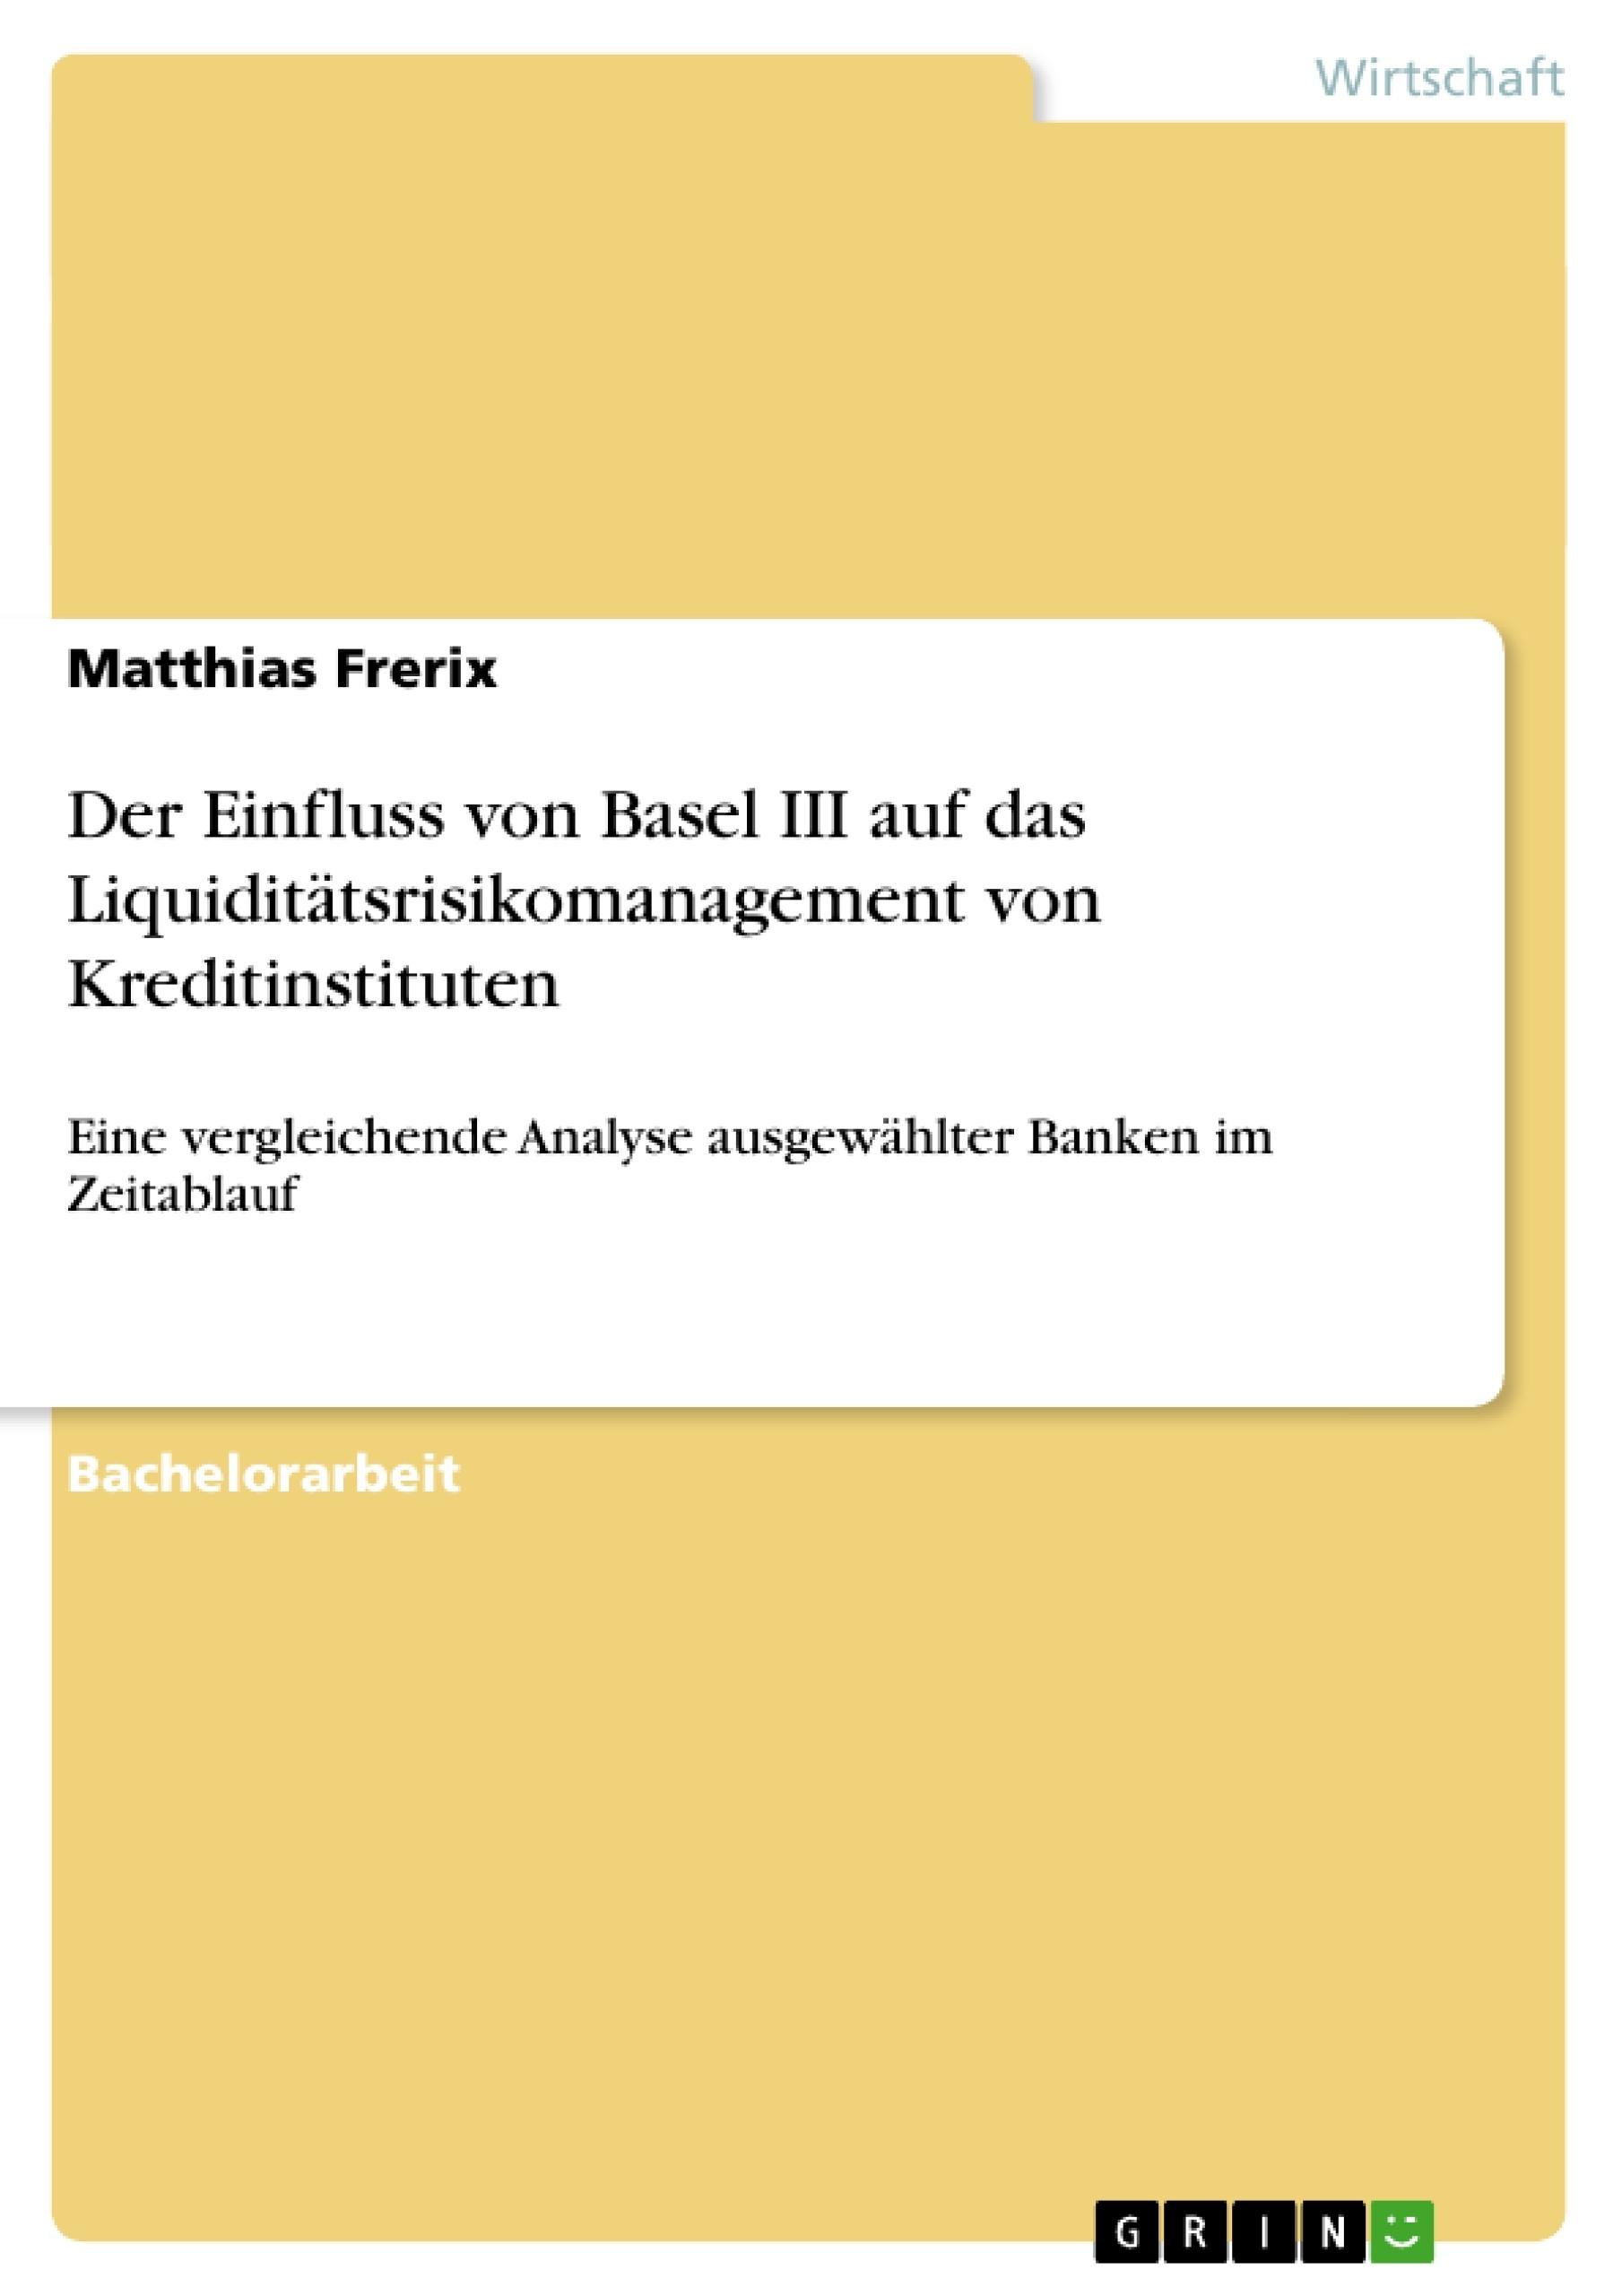 Titel: Der Einfluss von Basel III auf das Liquiditätsrisikomanagement von Kreditinstituten